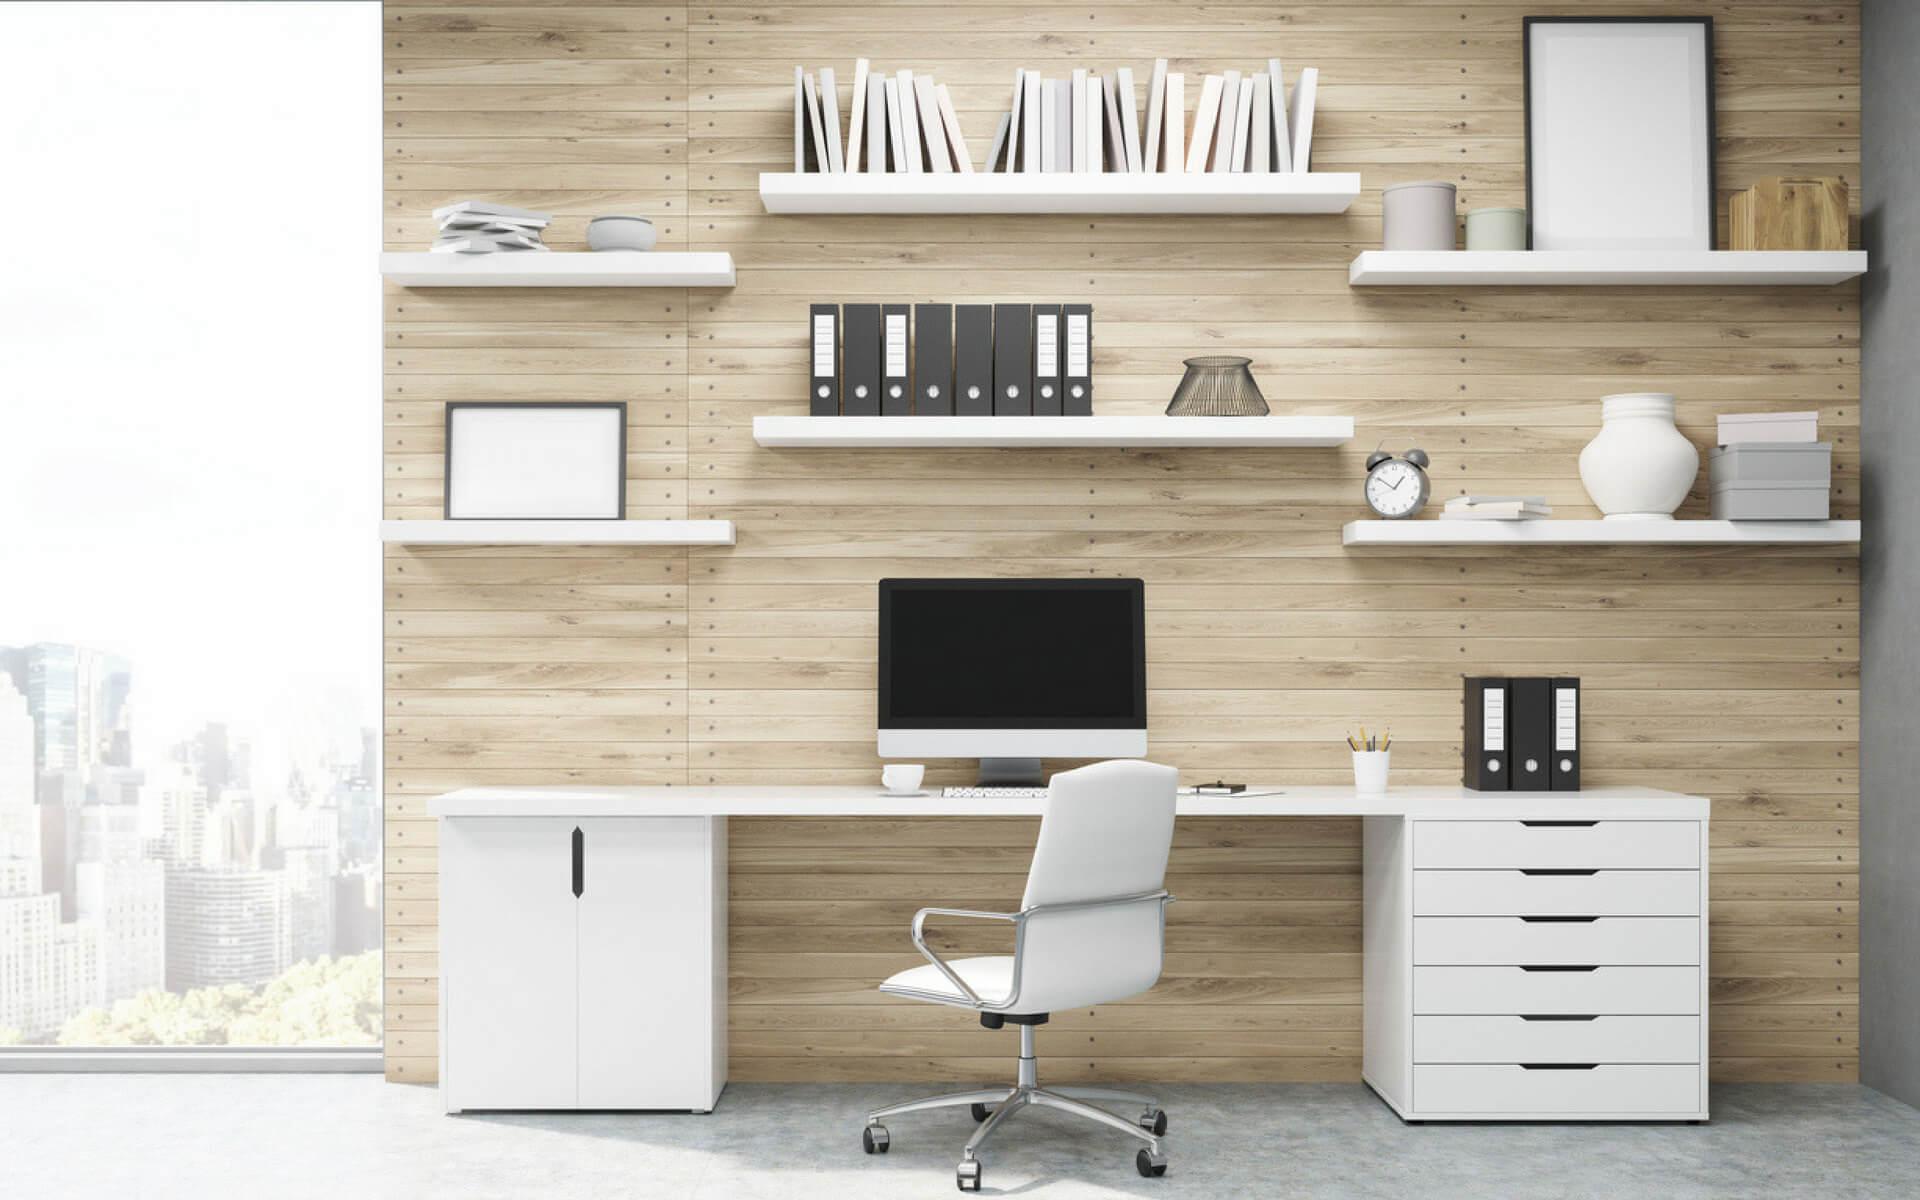 Come attrezzare un angolo studio con mensole e mobili pratici e funzionali